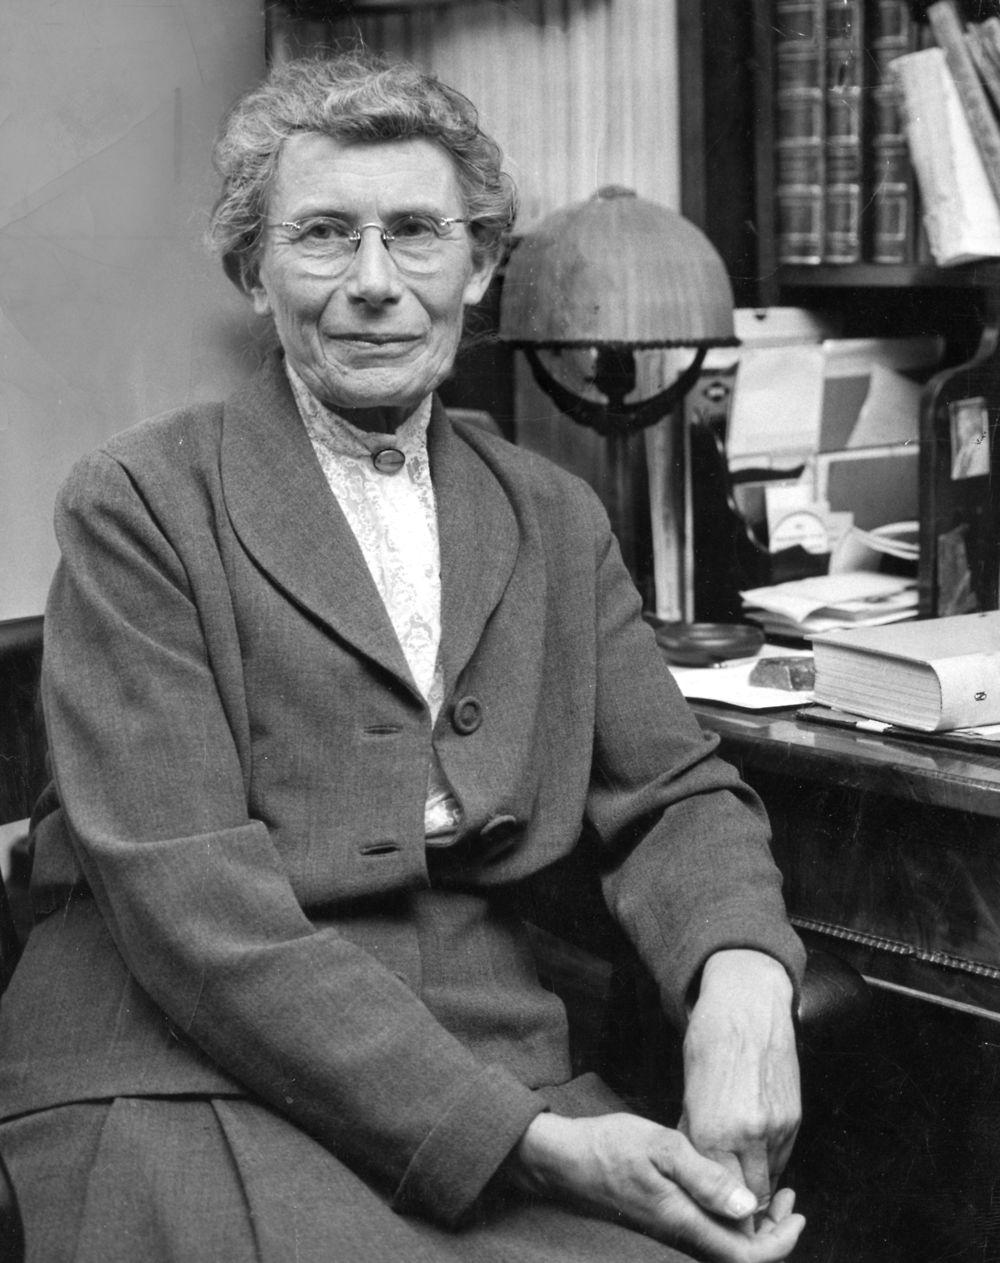 Fem ting du b��r vide om videnskabskvinden Inge Lehmann | Viden | DR